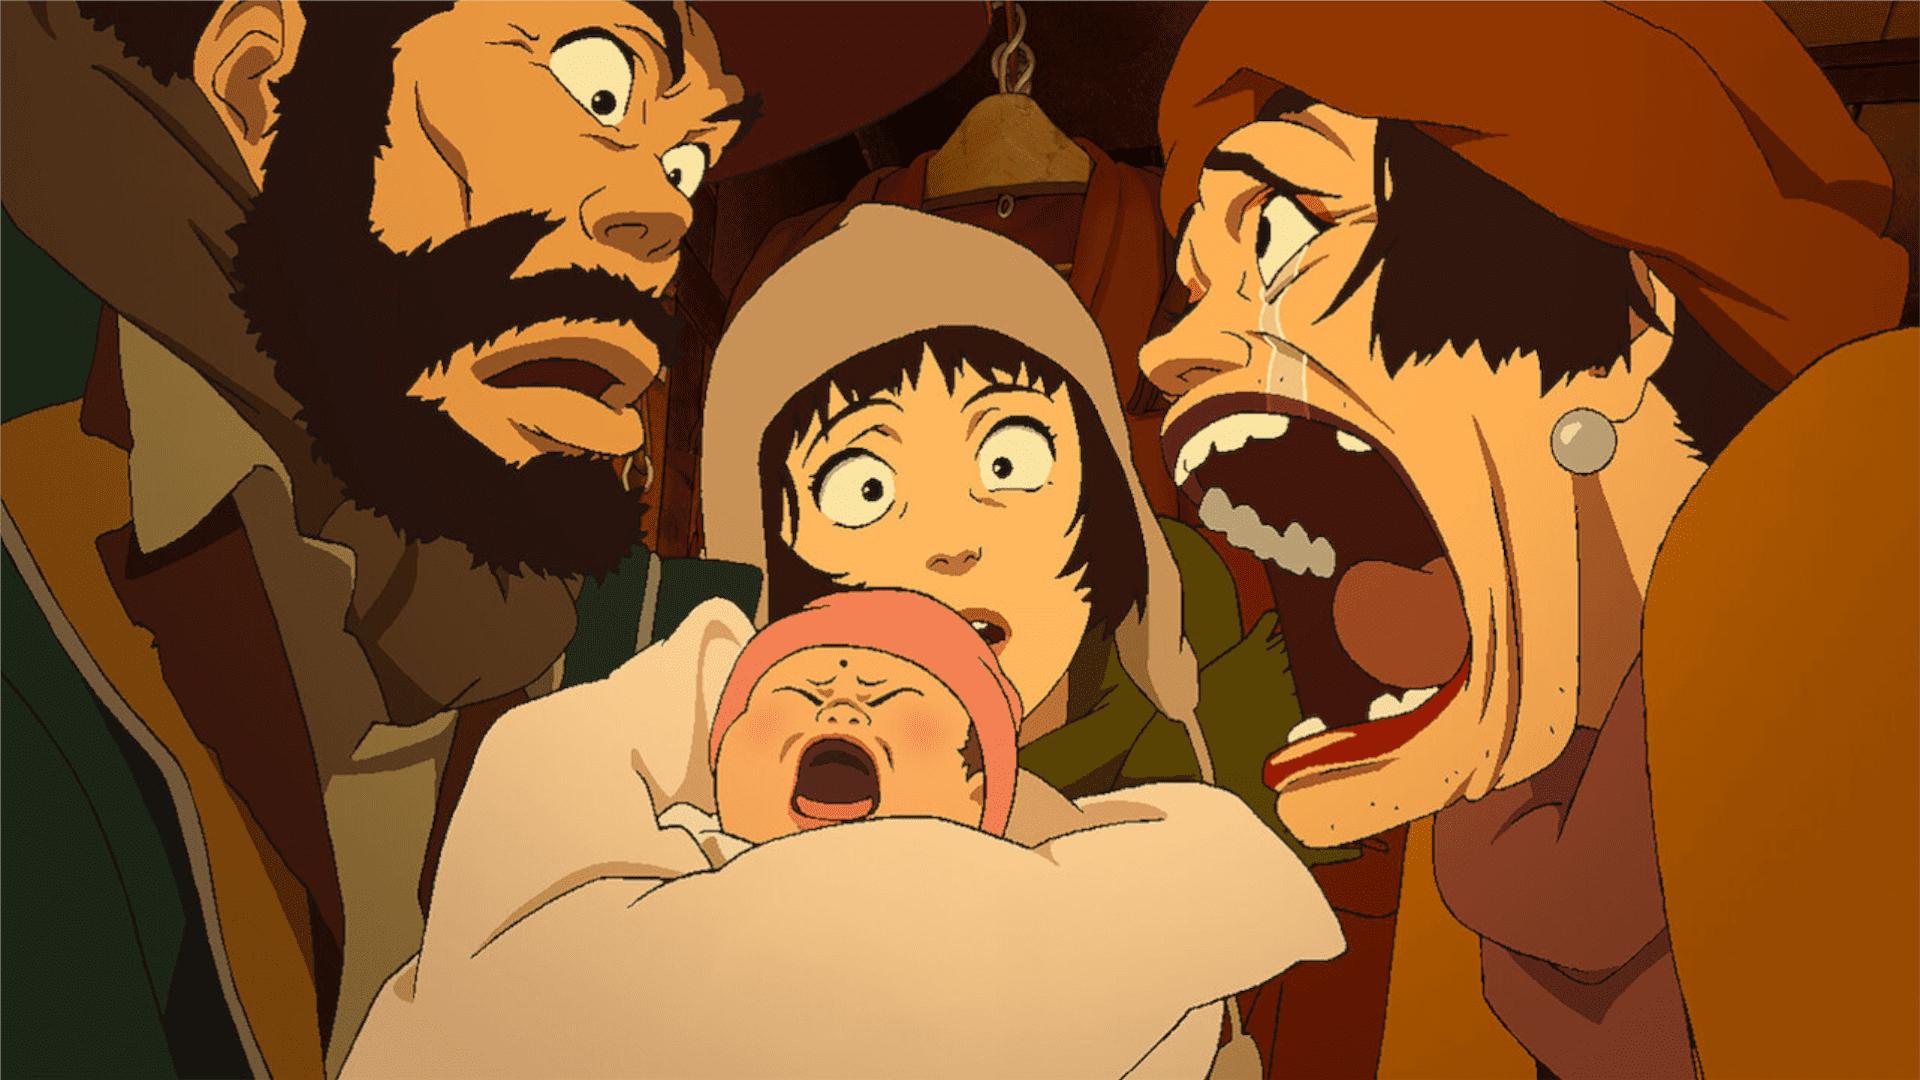 Padrinhos de Tóquio é uma história que mistura drama e comédia e fala sobre uma família inusitada de moradores de rua (Foto: Divulgação/Netflix)